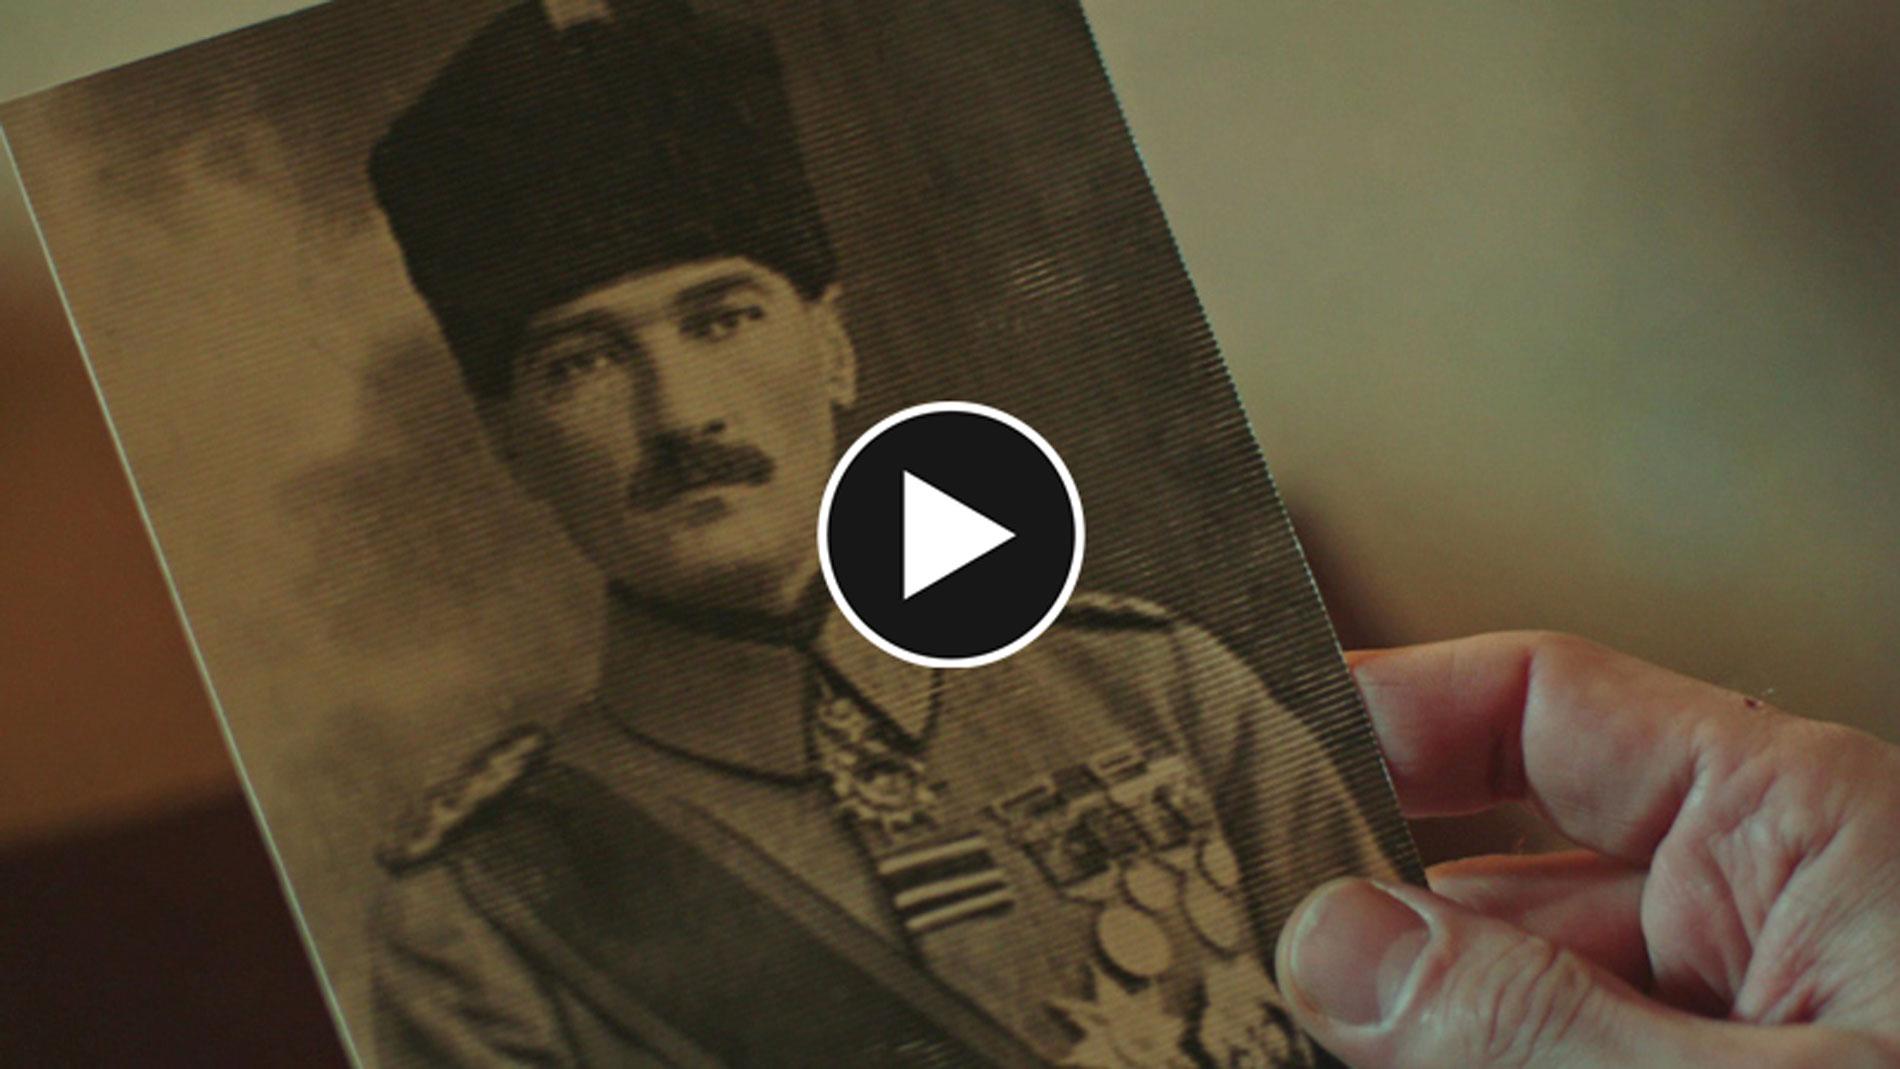 Vatanım Sensin 3. bölüm fragmanı full izle Mustafa Kemal Atatürk 10 Kasım Özel